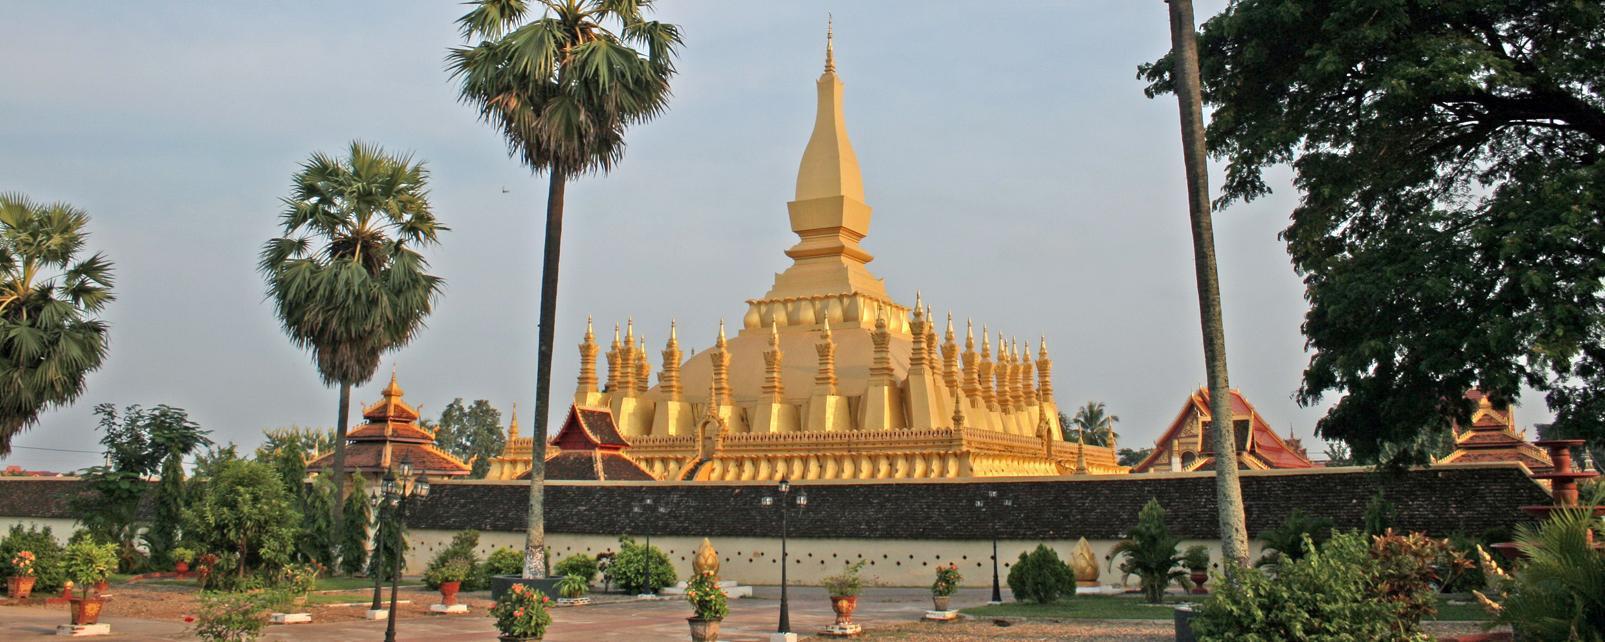 Le Laos comme vous ne l'avez jamais vu